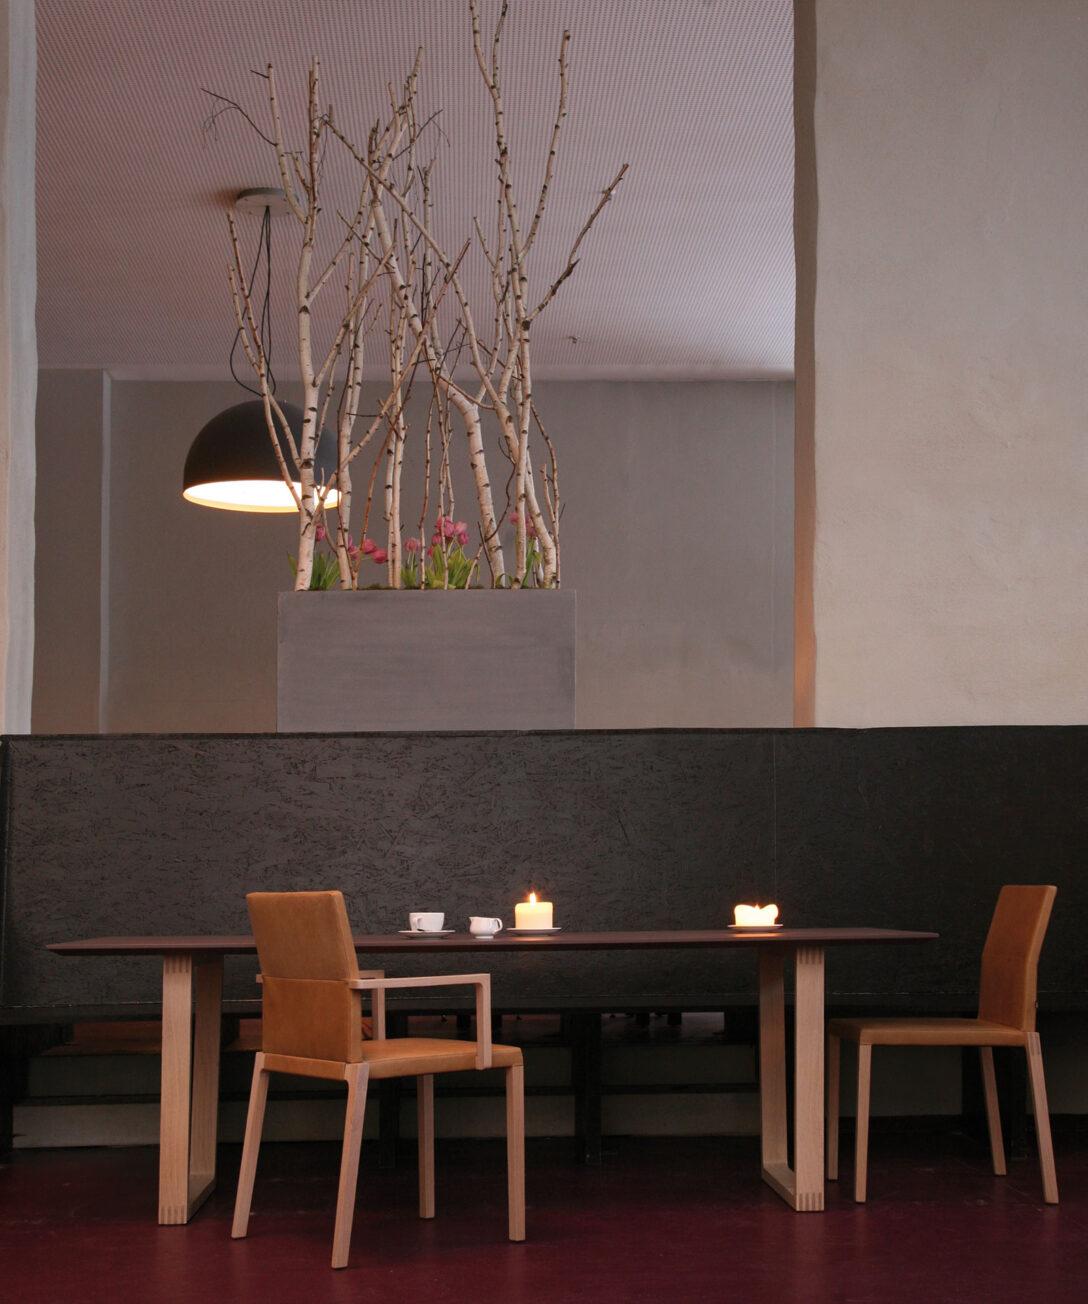 Large Size of Designer Badezimmer Esstische Ausziehbar Runde Lampen Esstisch Design Küche Industriedesign Rund Moderne Bett Modern Esstische Esstische Design